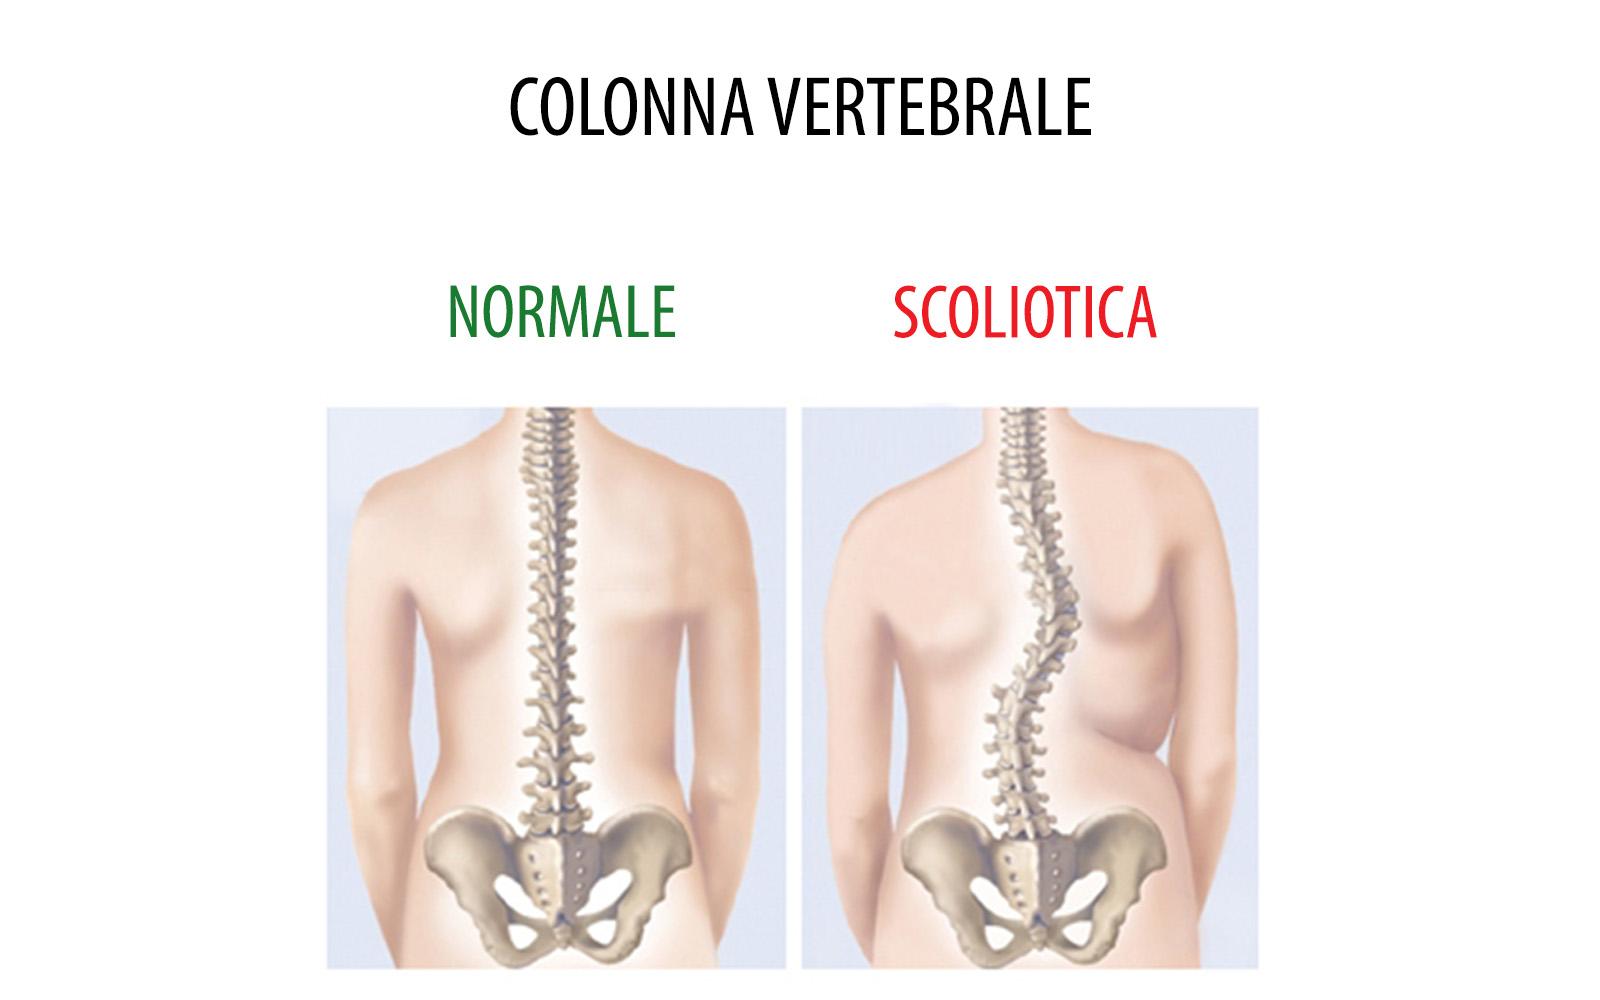 Preferenza Scoliosi dorsale: esercizi, cura e postura. | Fitnessway HR79